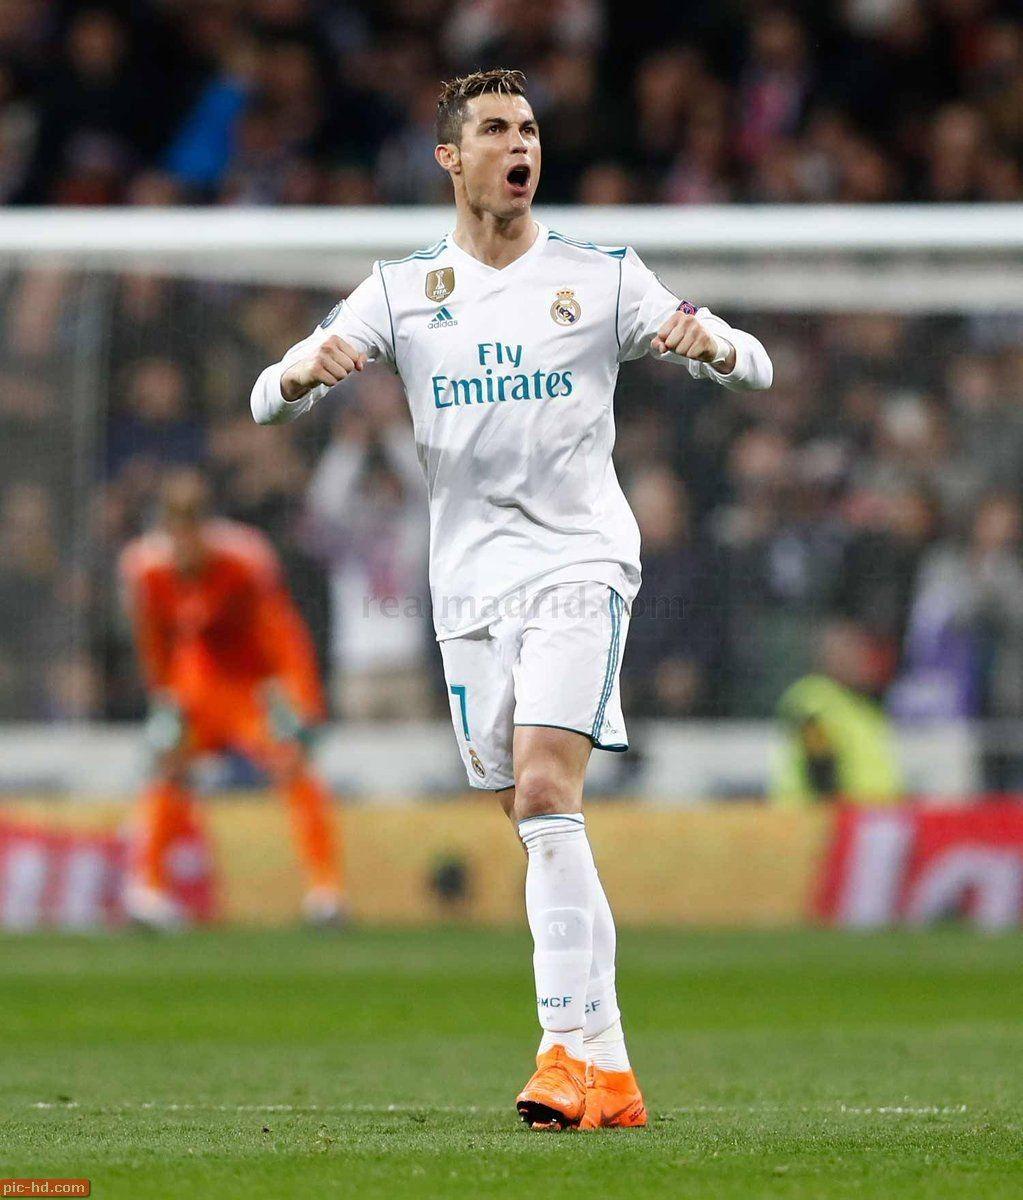 صور كرستيانو رونالدو خلفيات كريستيانو رونالدو رمزيات Cr7 Ronaldo Football Crstiano Ronaldo Cristoano Ronaldo